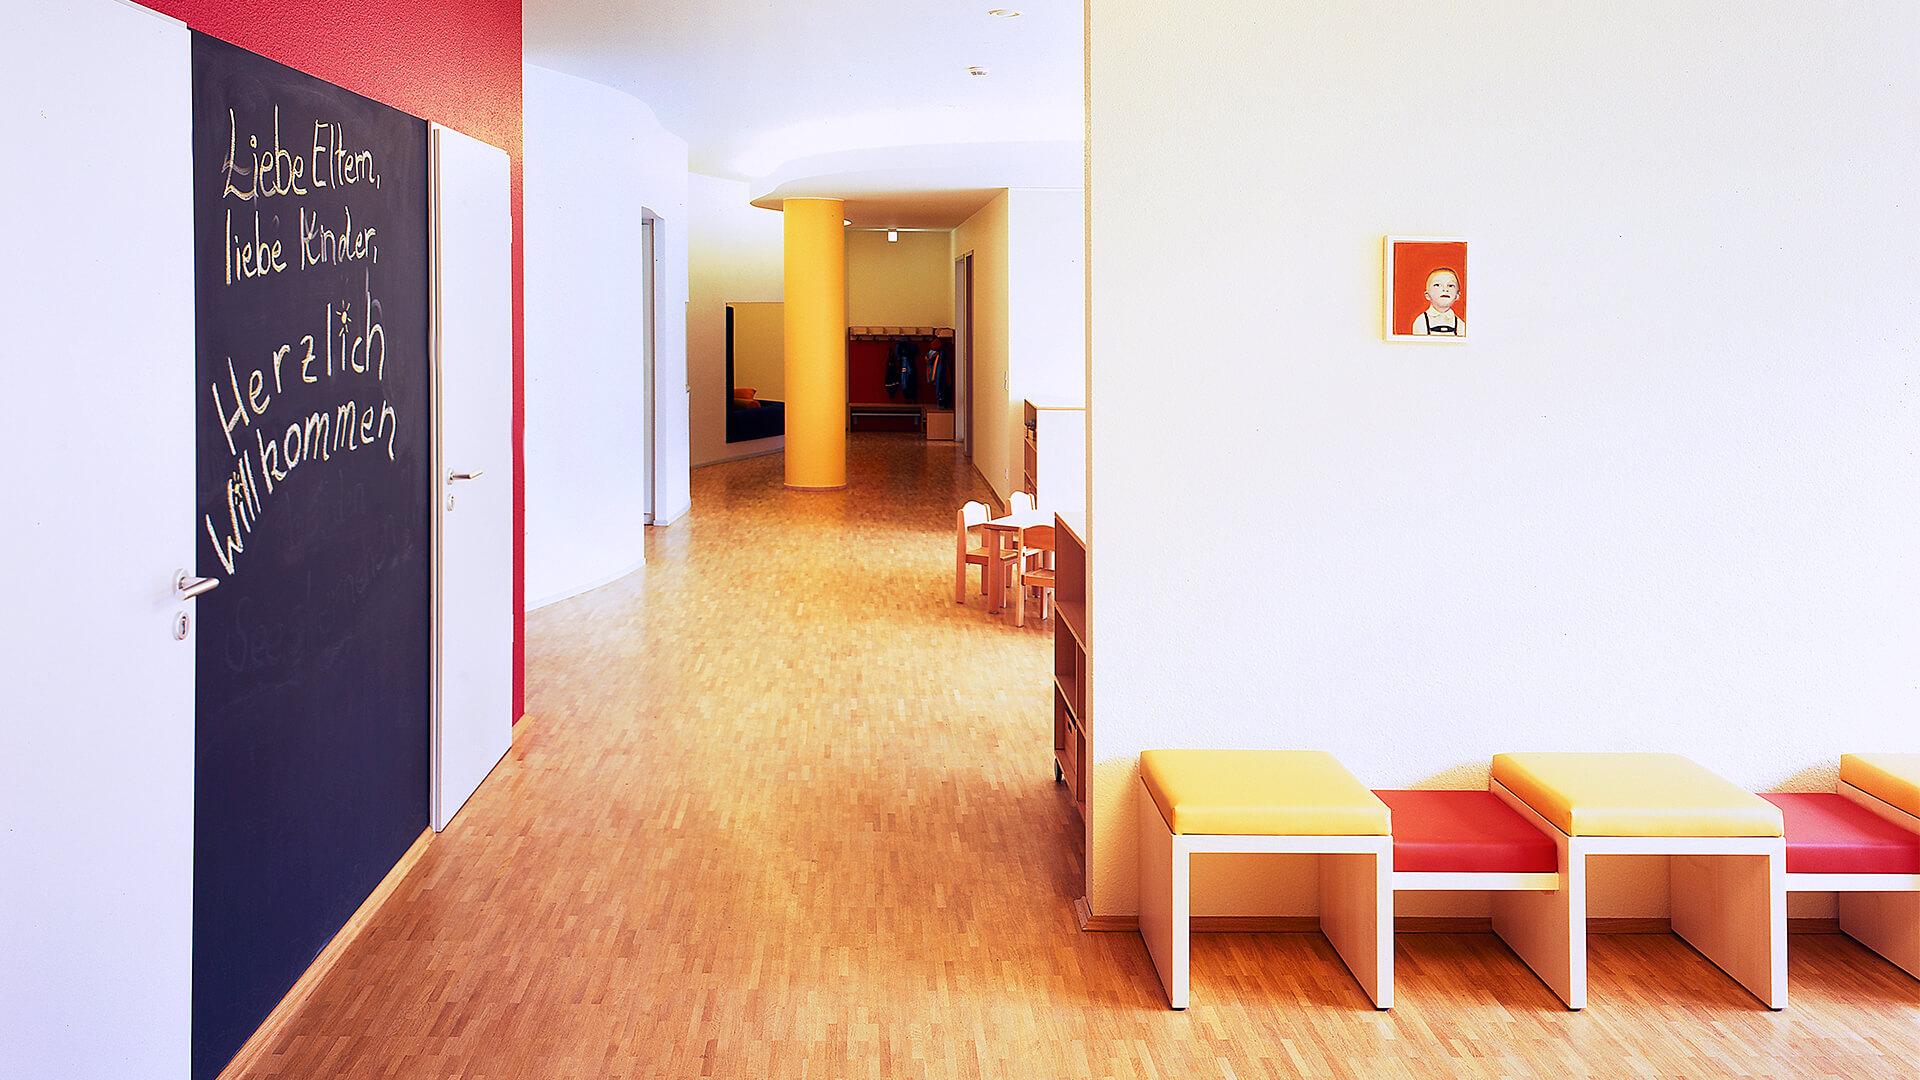 Eingangsbereich der Kita in Düsseldorf - Liebe Eltern, liebe Kinder: Herlich Willkommen!